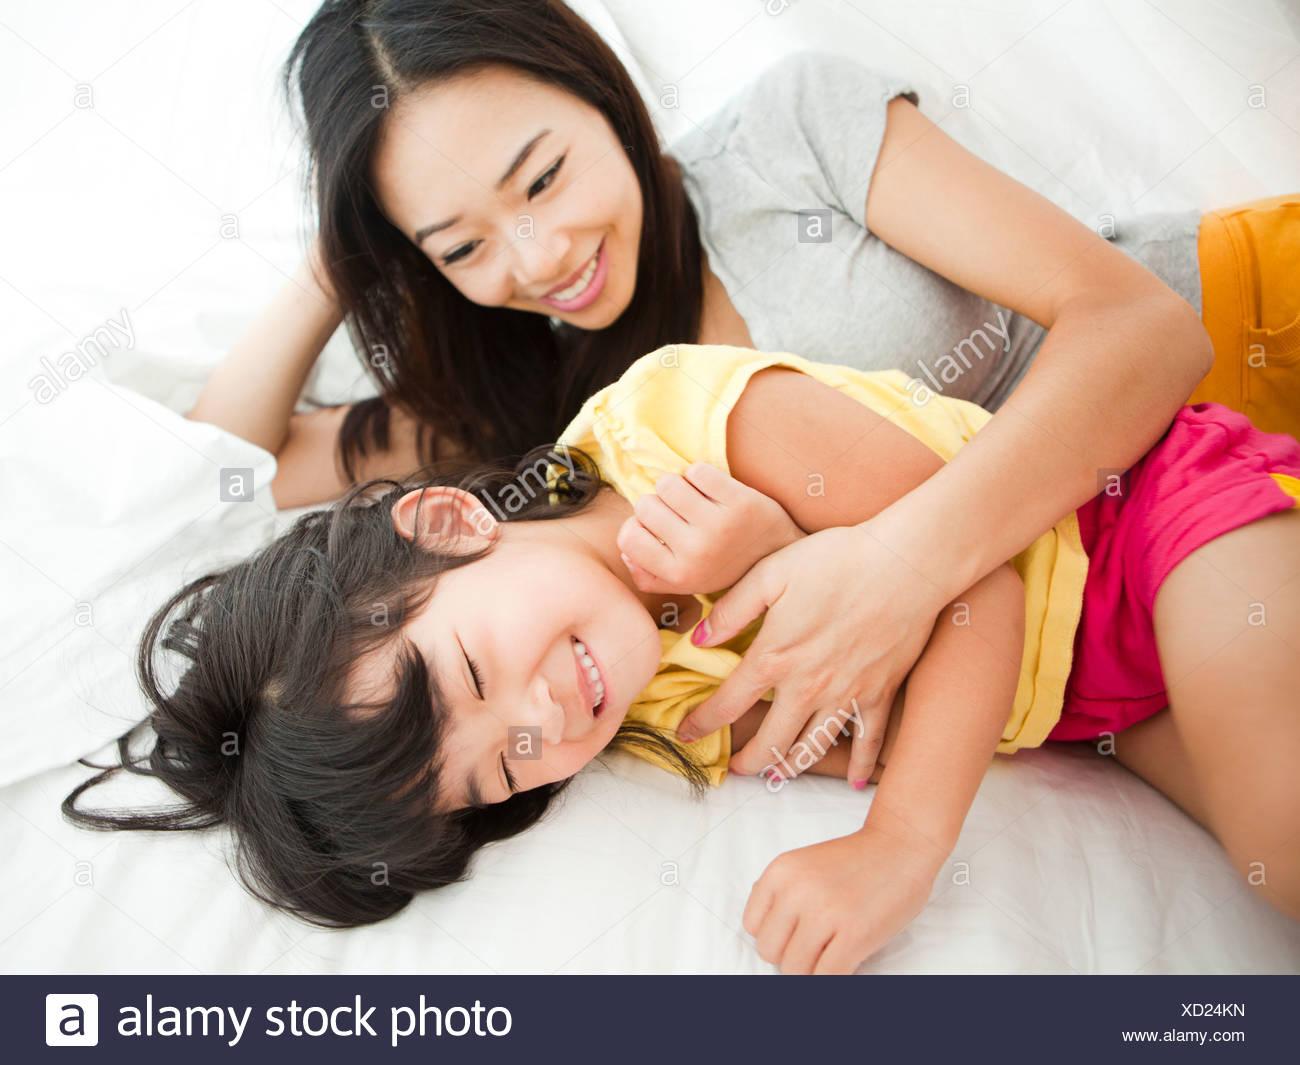 Фото дочка лижит матери, Подросток лижет письку мамочке и трахает 7 фотография